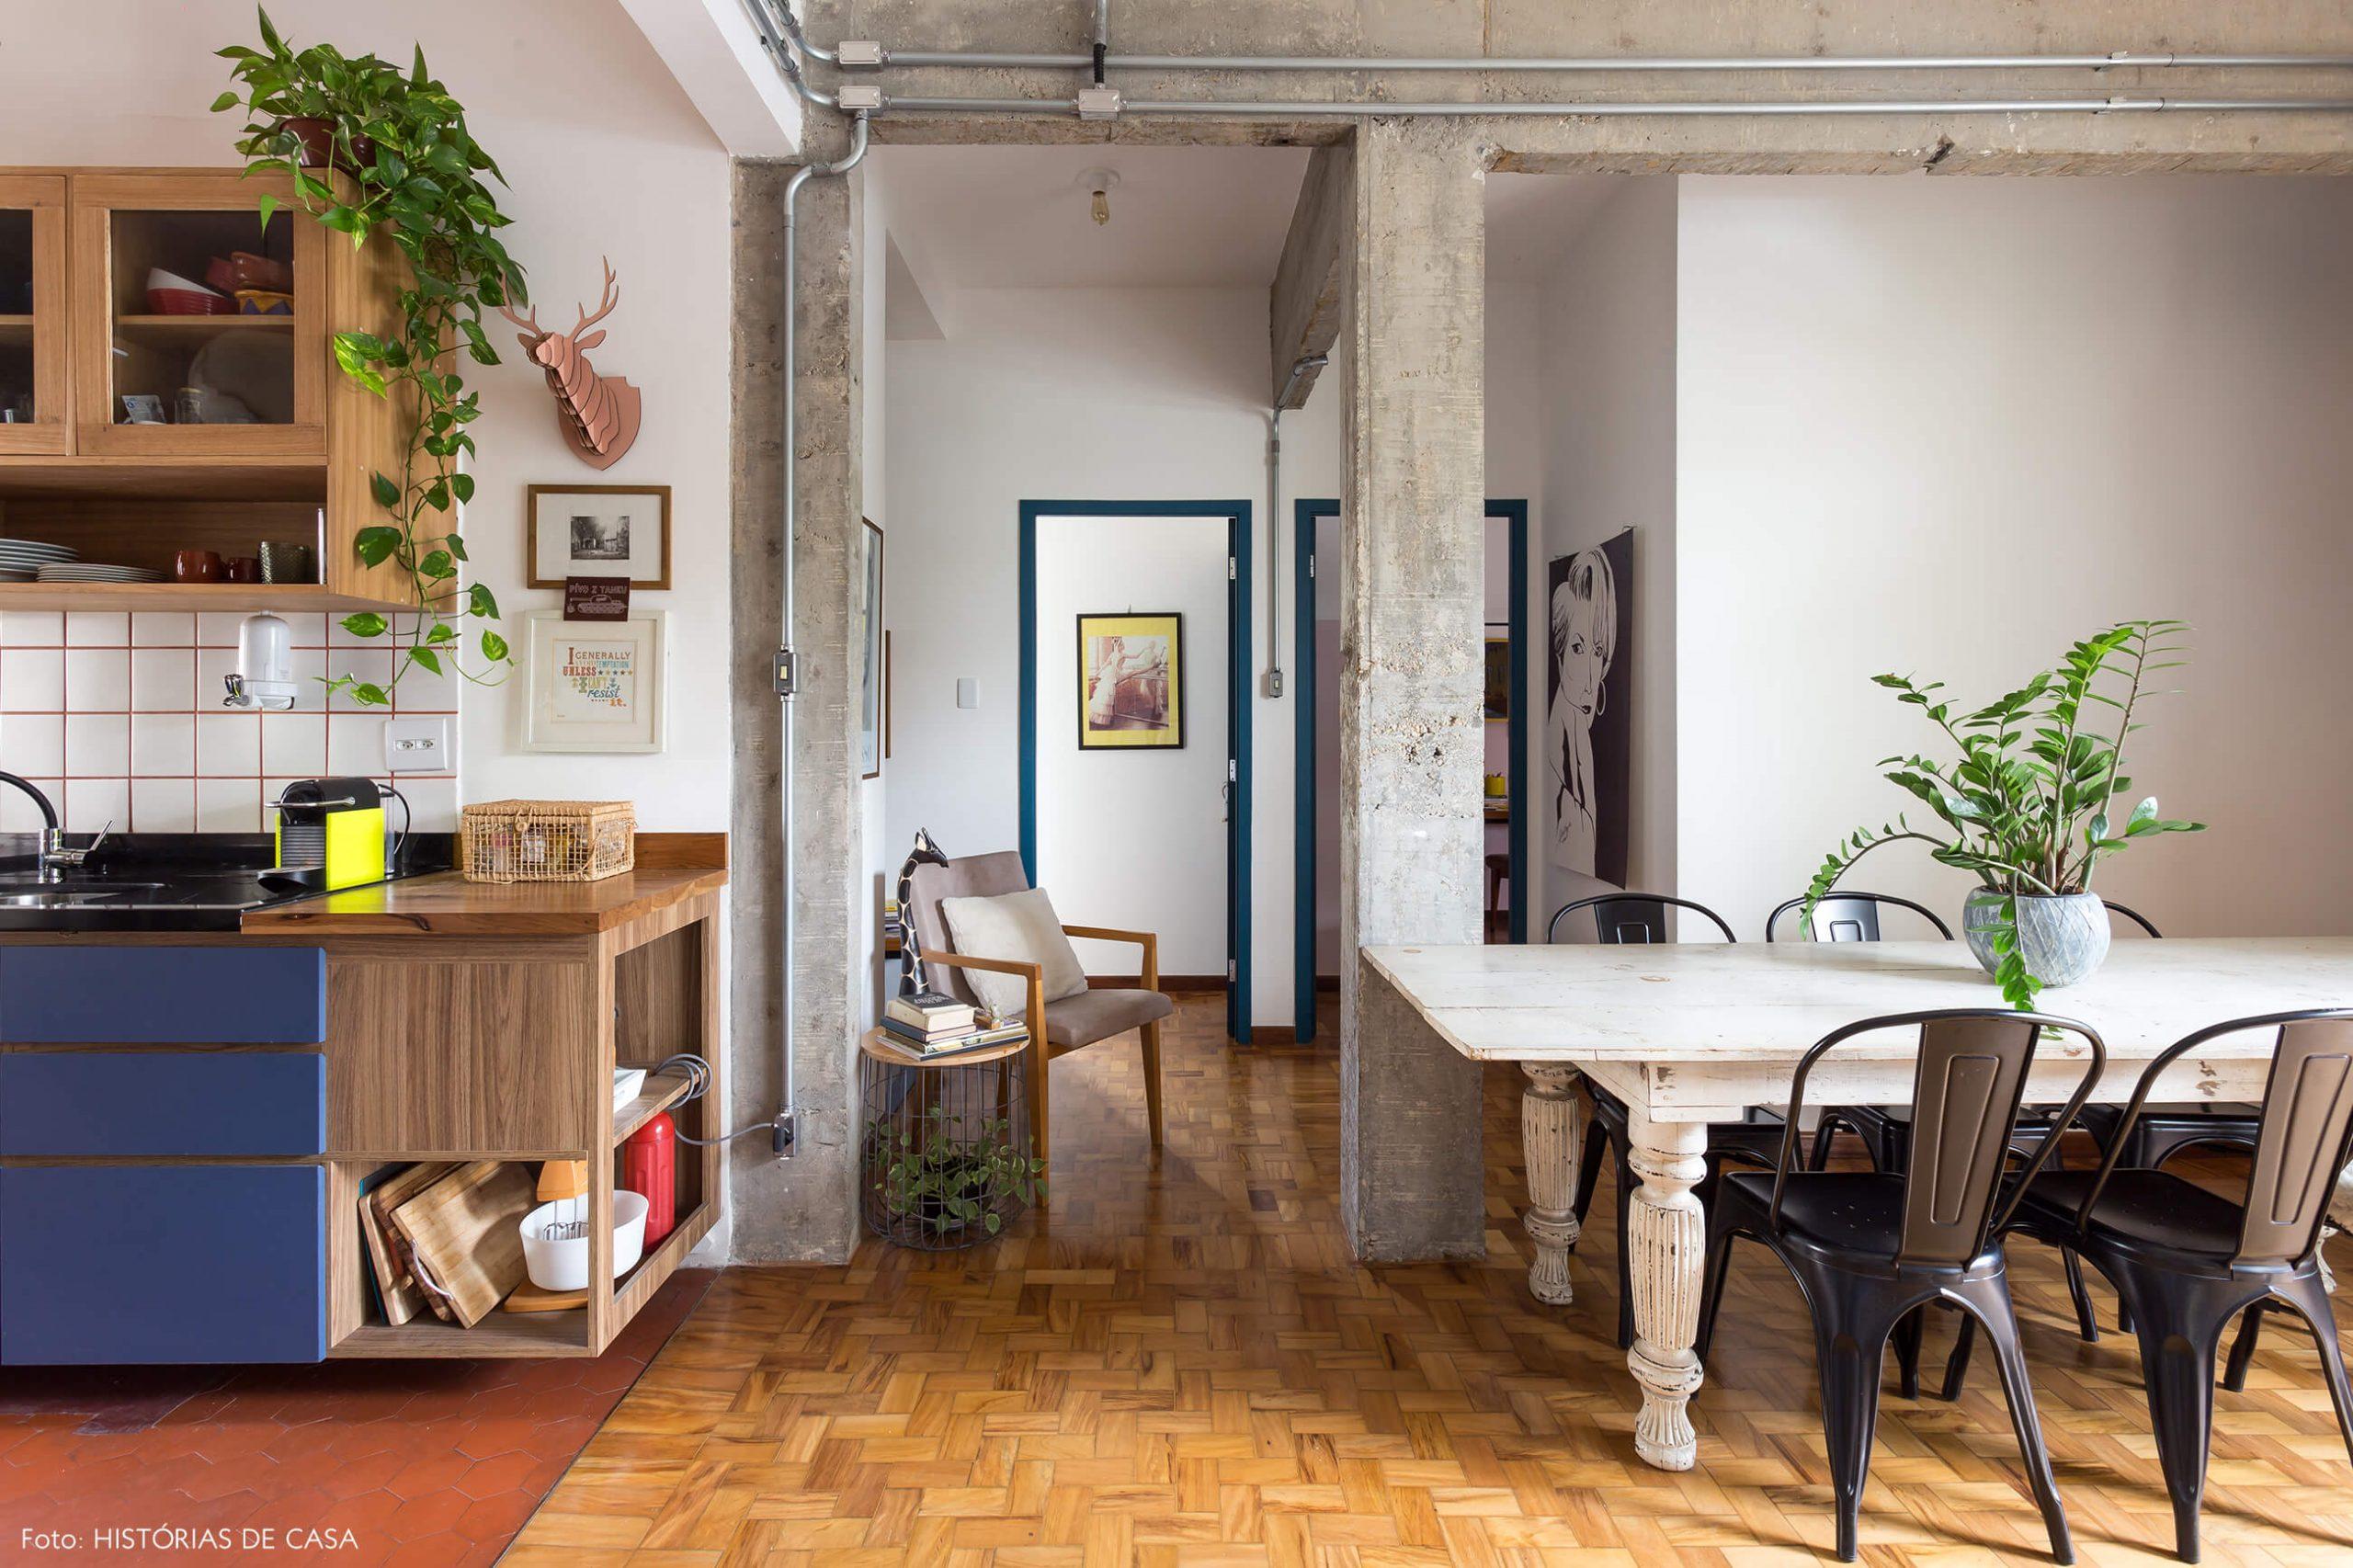 decoração sala jantar e cozinha com mesa de madeira branca e colunas de concreto